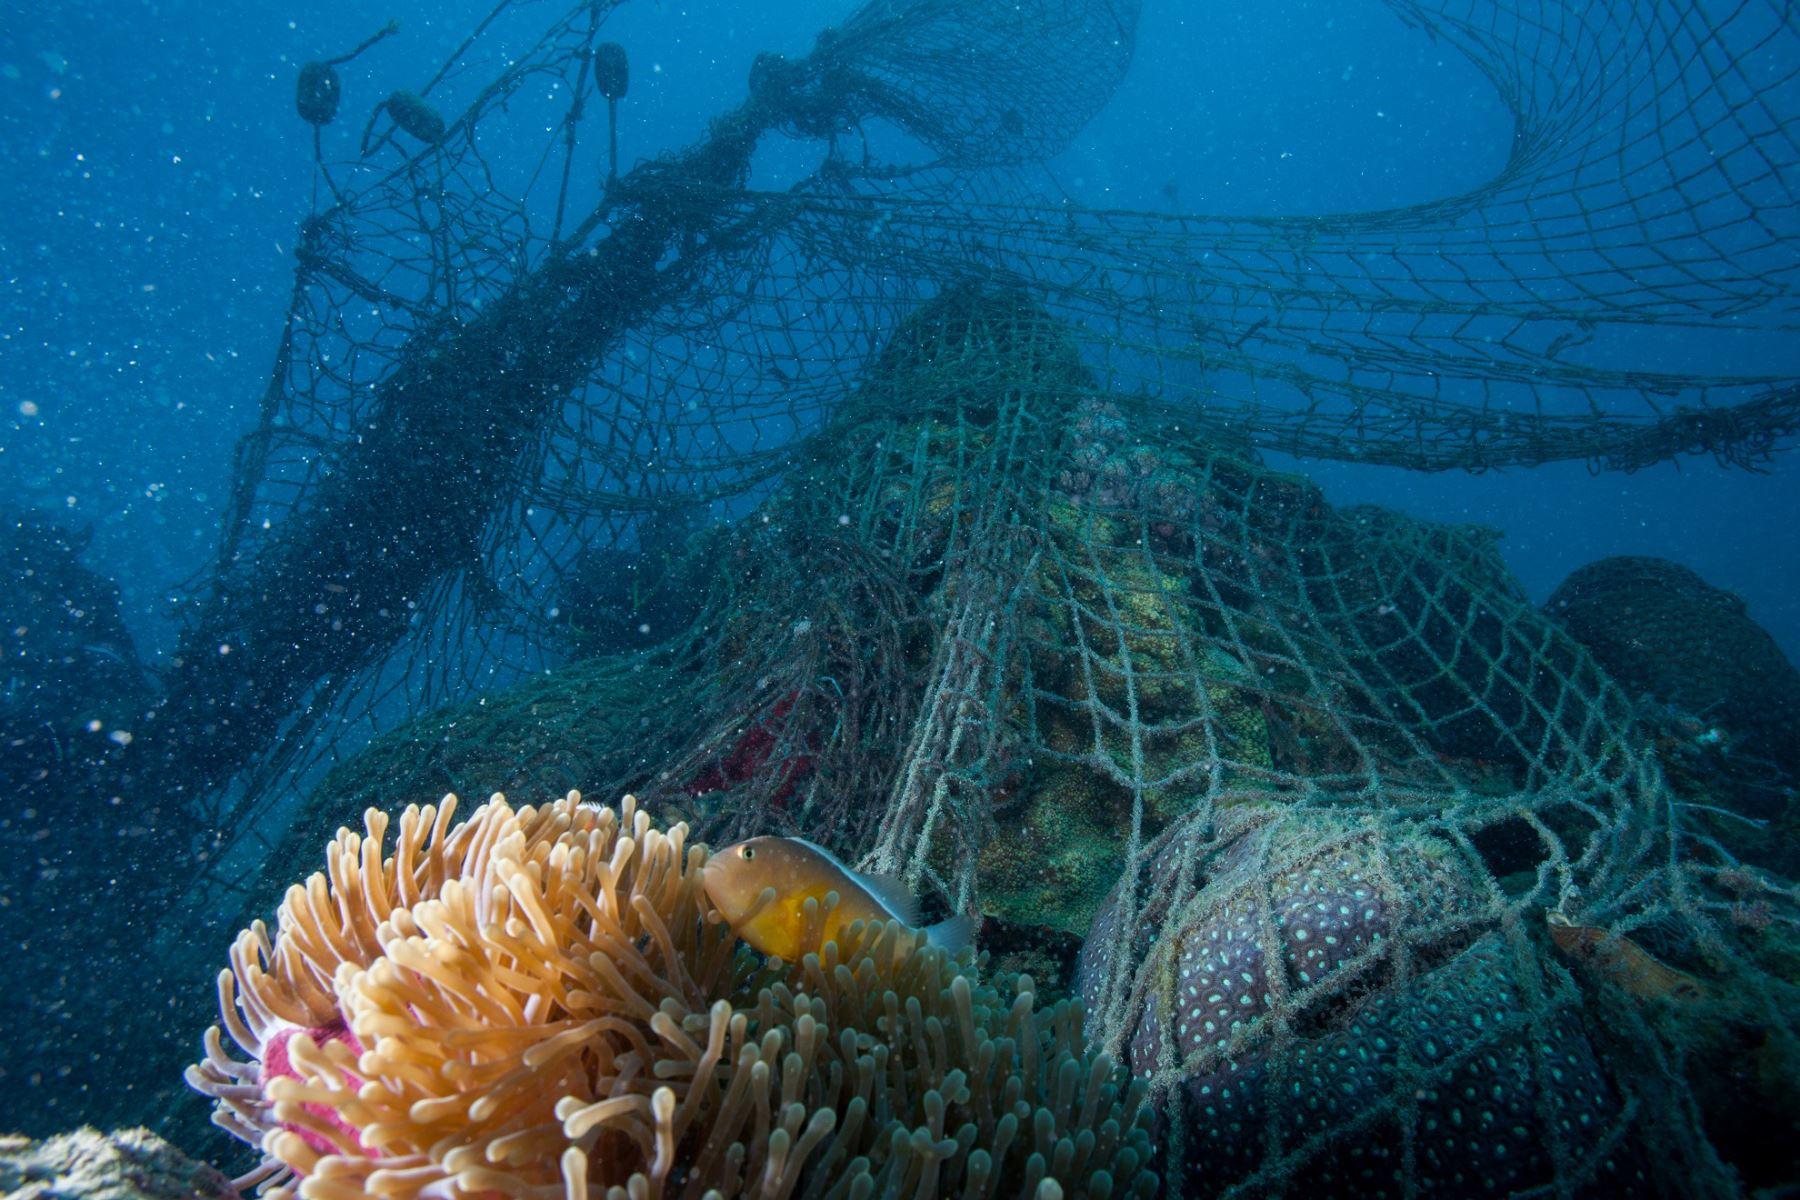 Las redes de pesca fantasmas (artes de pesca abandonados) lesionan y matan a más de 557 especies marinas. Foto: ANDINA/WWF